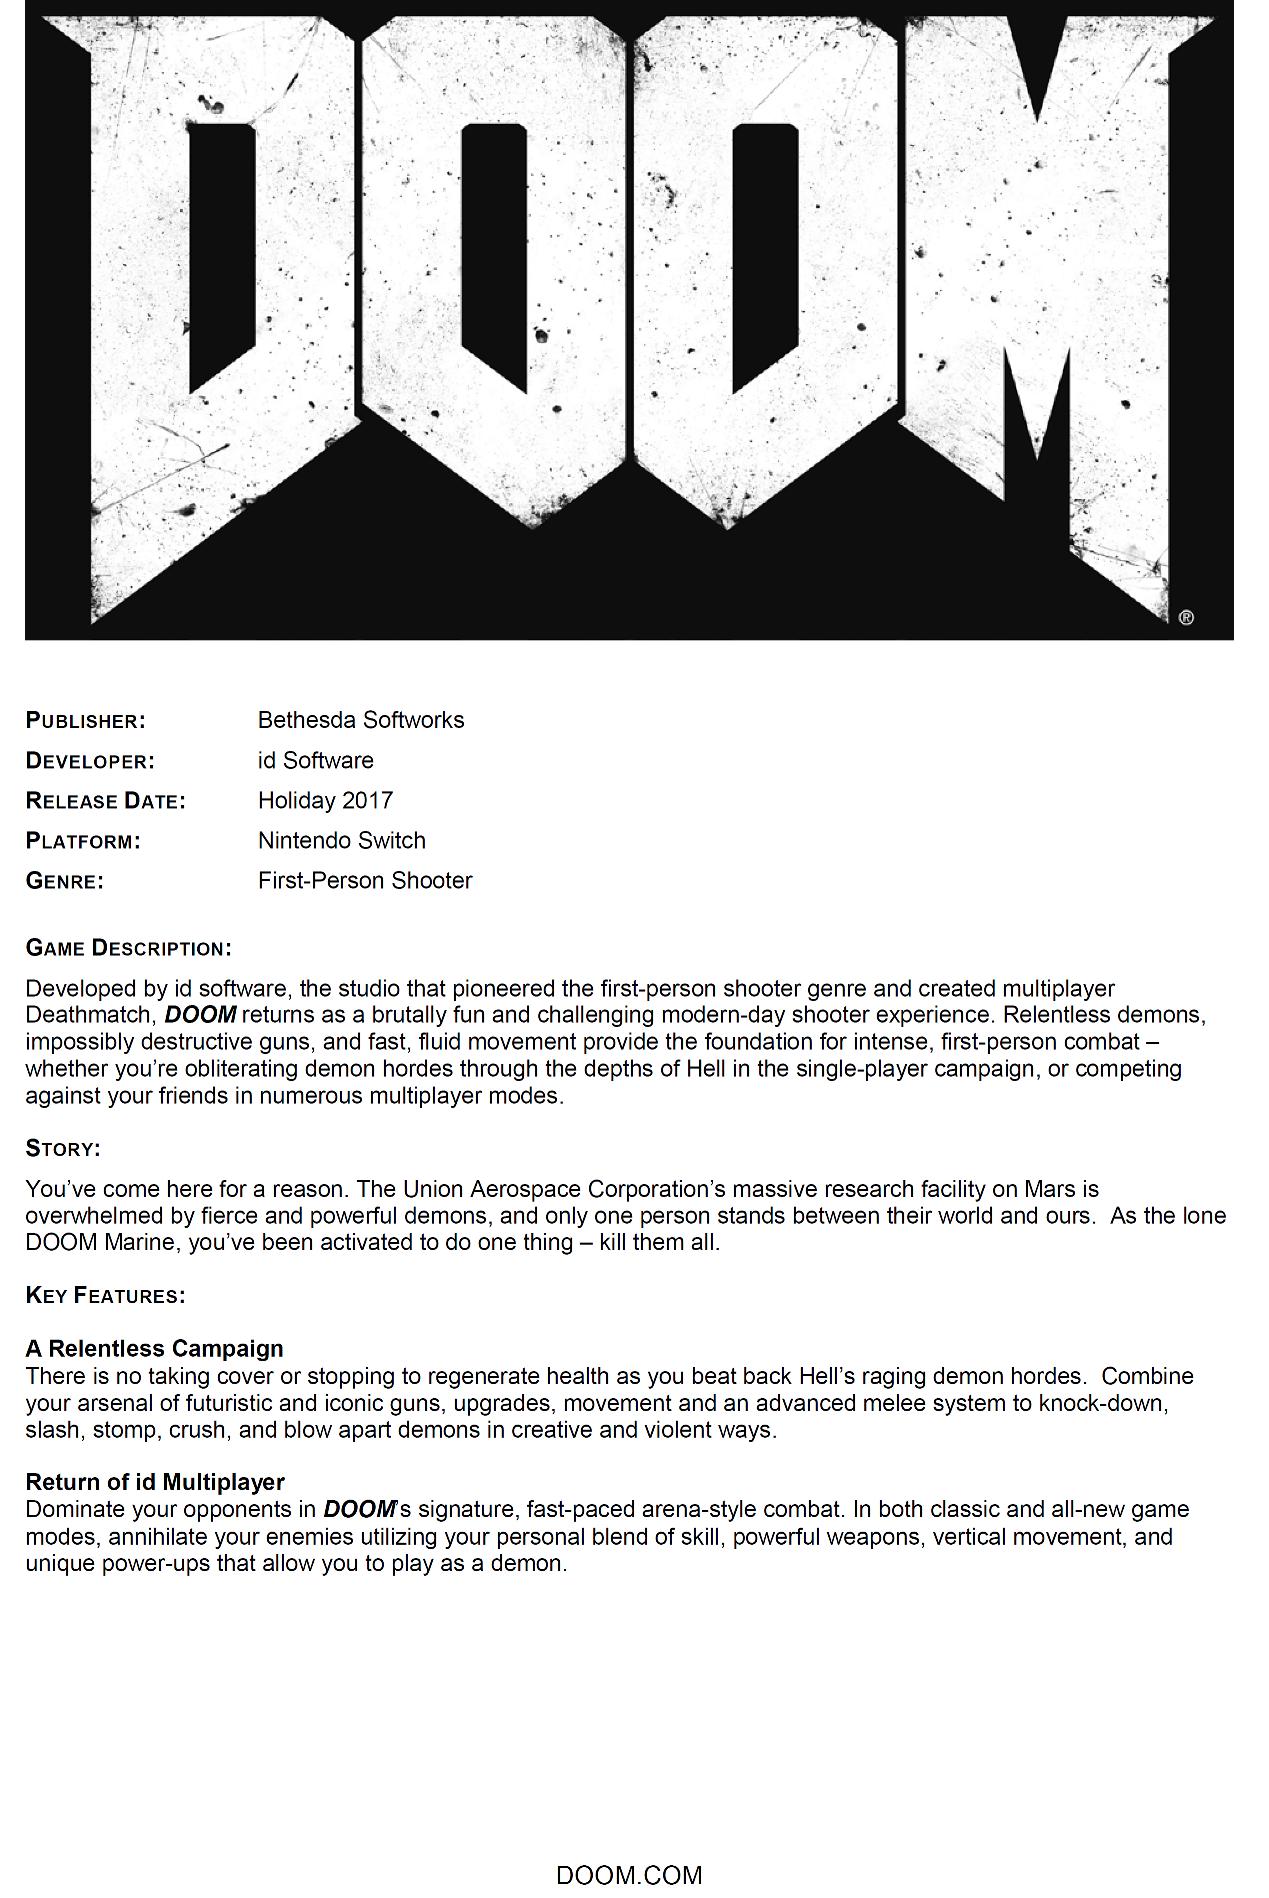 doom-fact-sheet.png